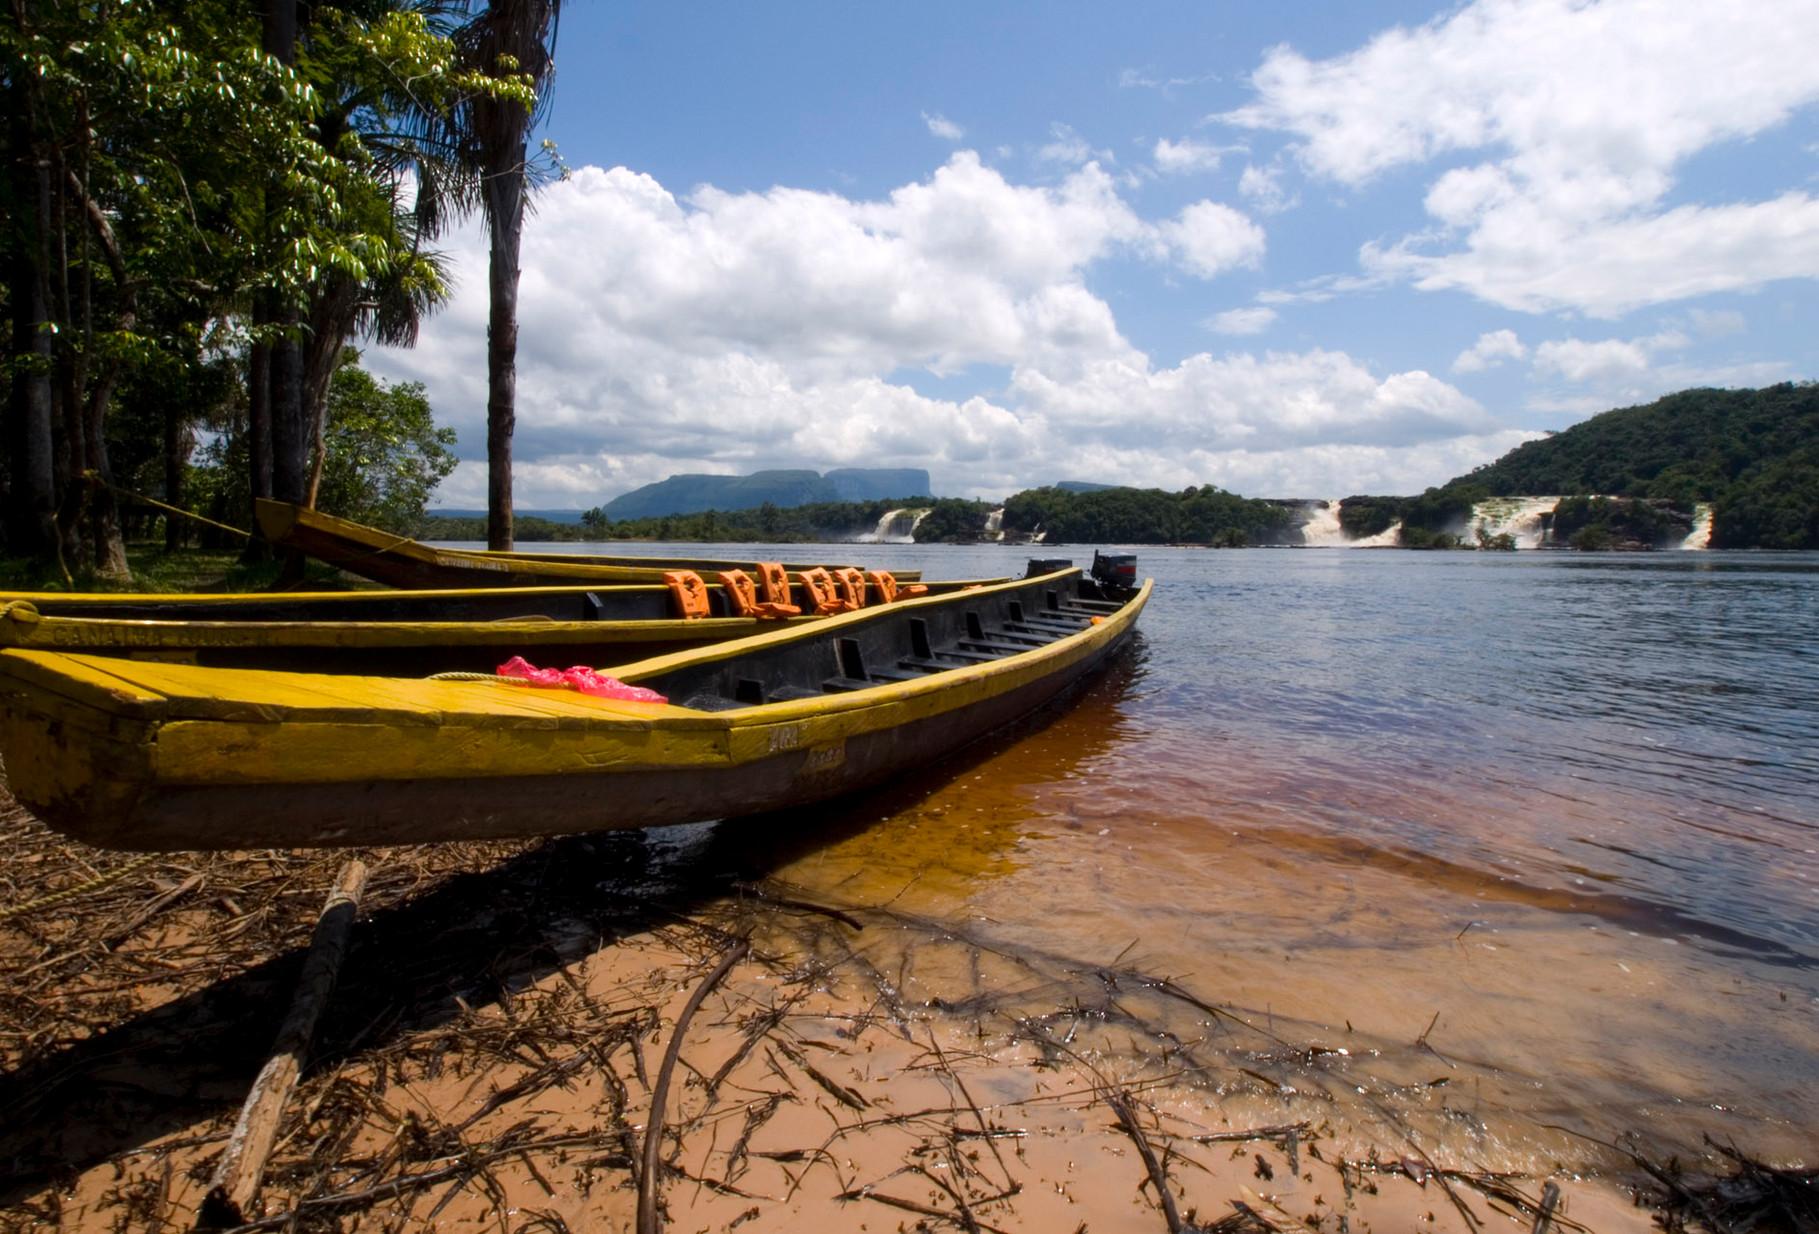 Venezuela: Canaima national park [Venezuela, 2009]